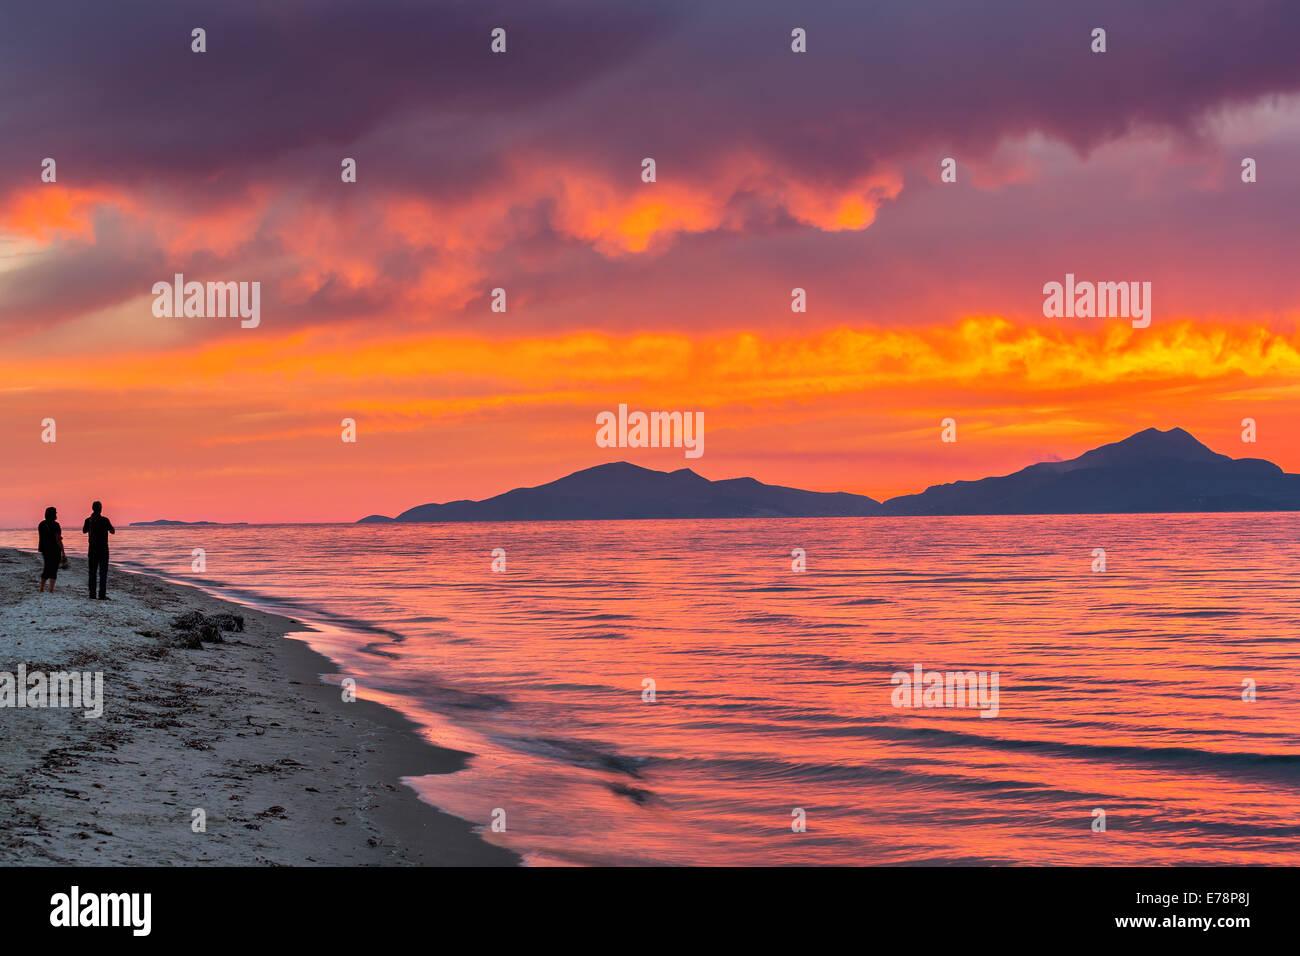 Puesta de sol sobre el mar en Grecia Imagen De Stock